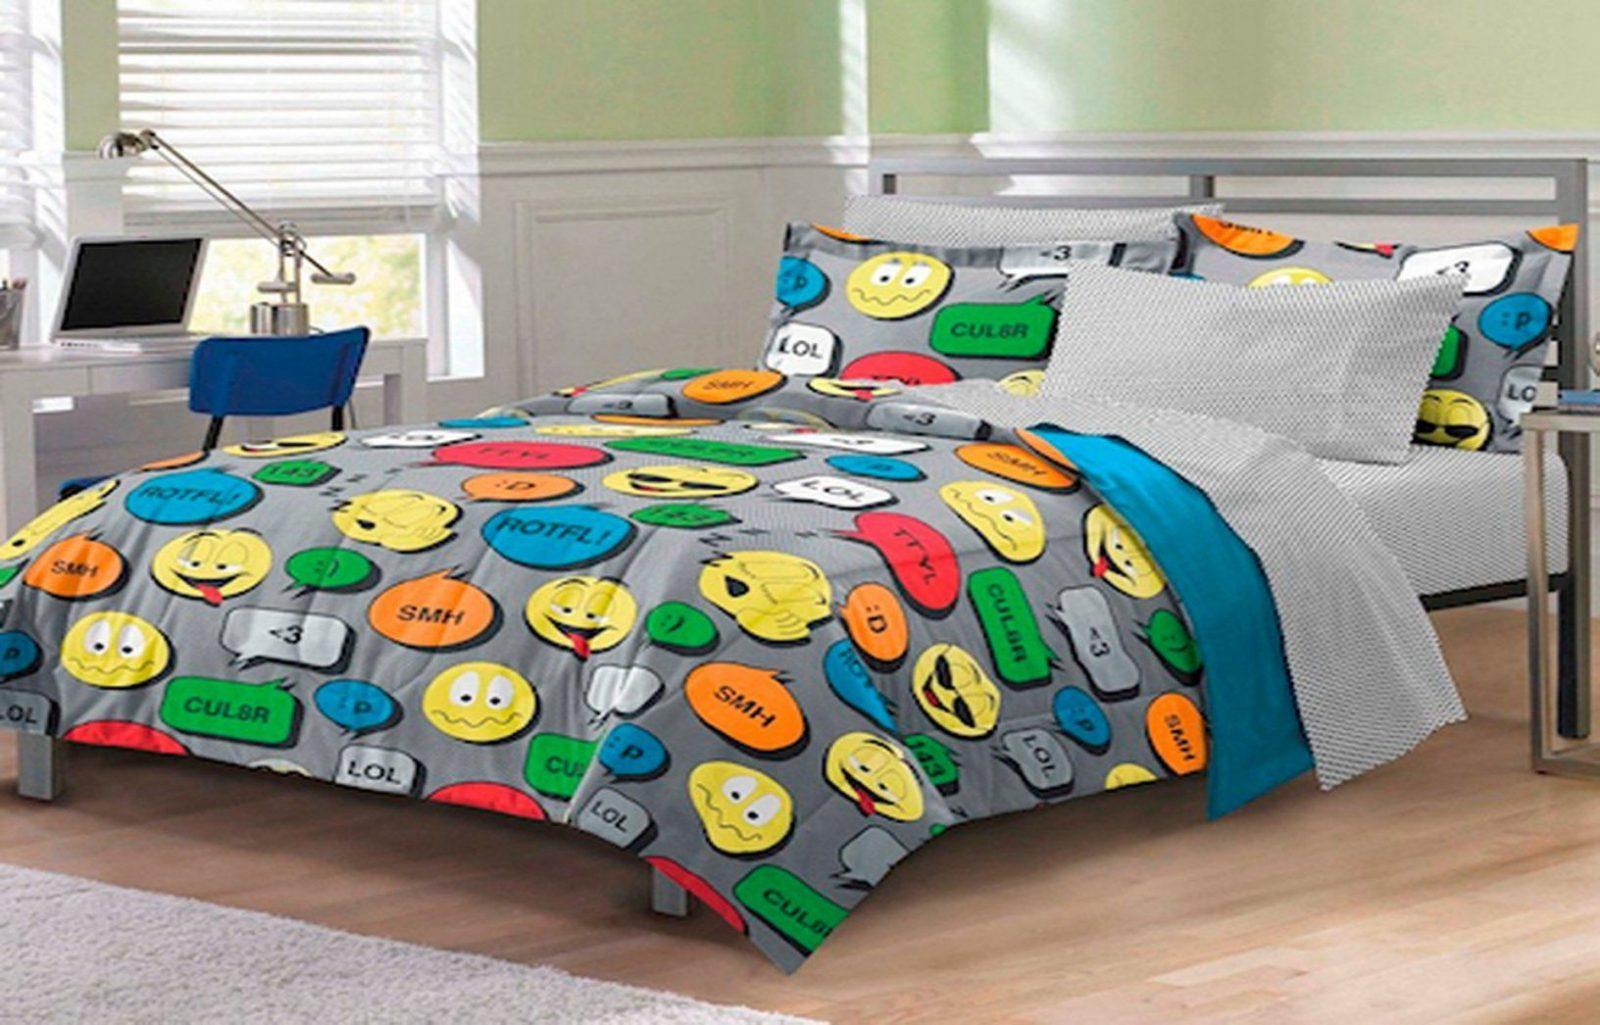 Jung & Wilde Zimmer 21 Coole Bettwäsche Für Teenager  Kinderzimmer von Coole Bettwäsche Für Teenager Photo